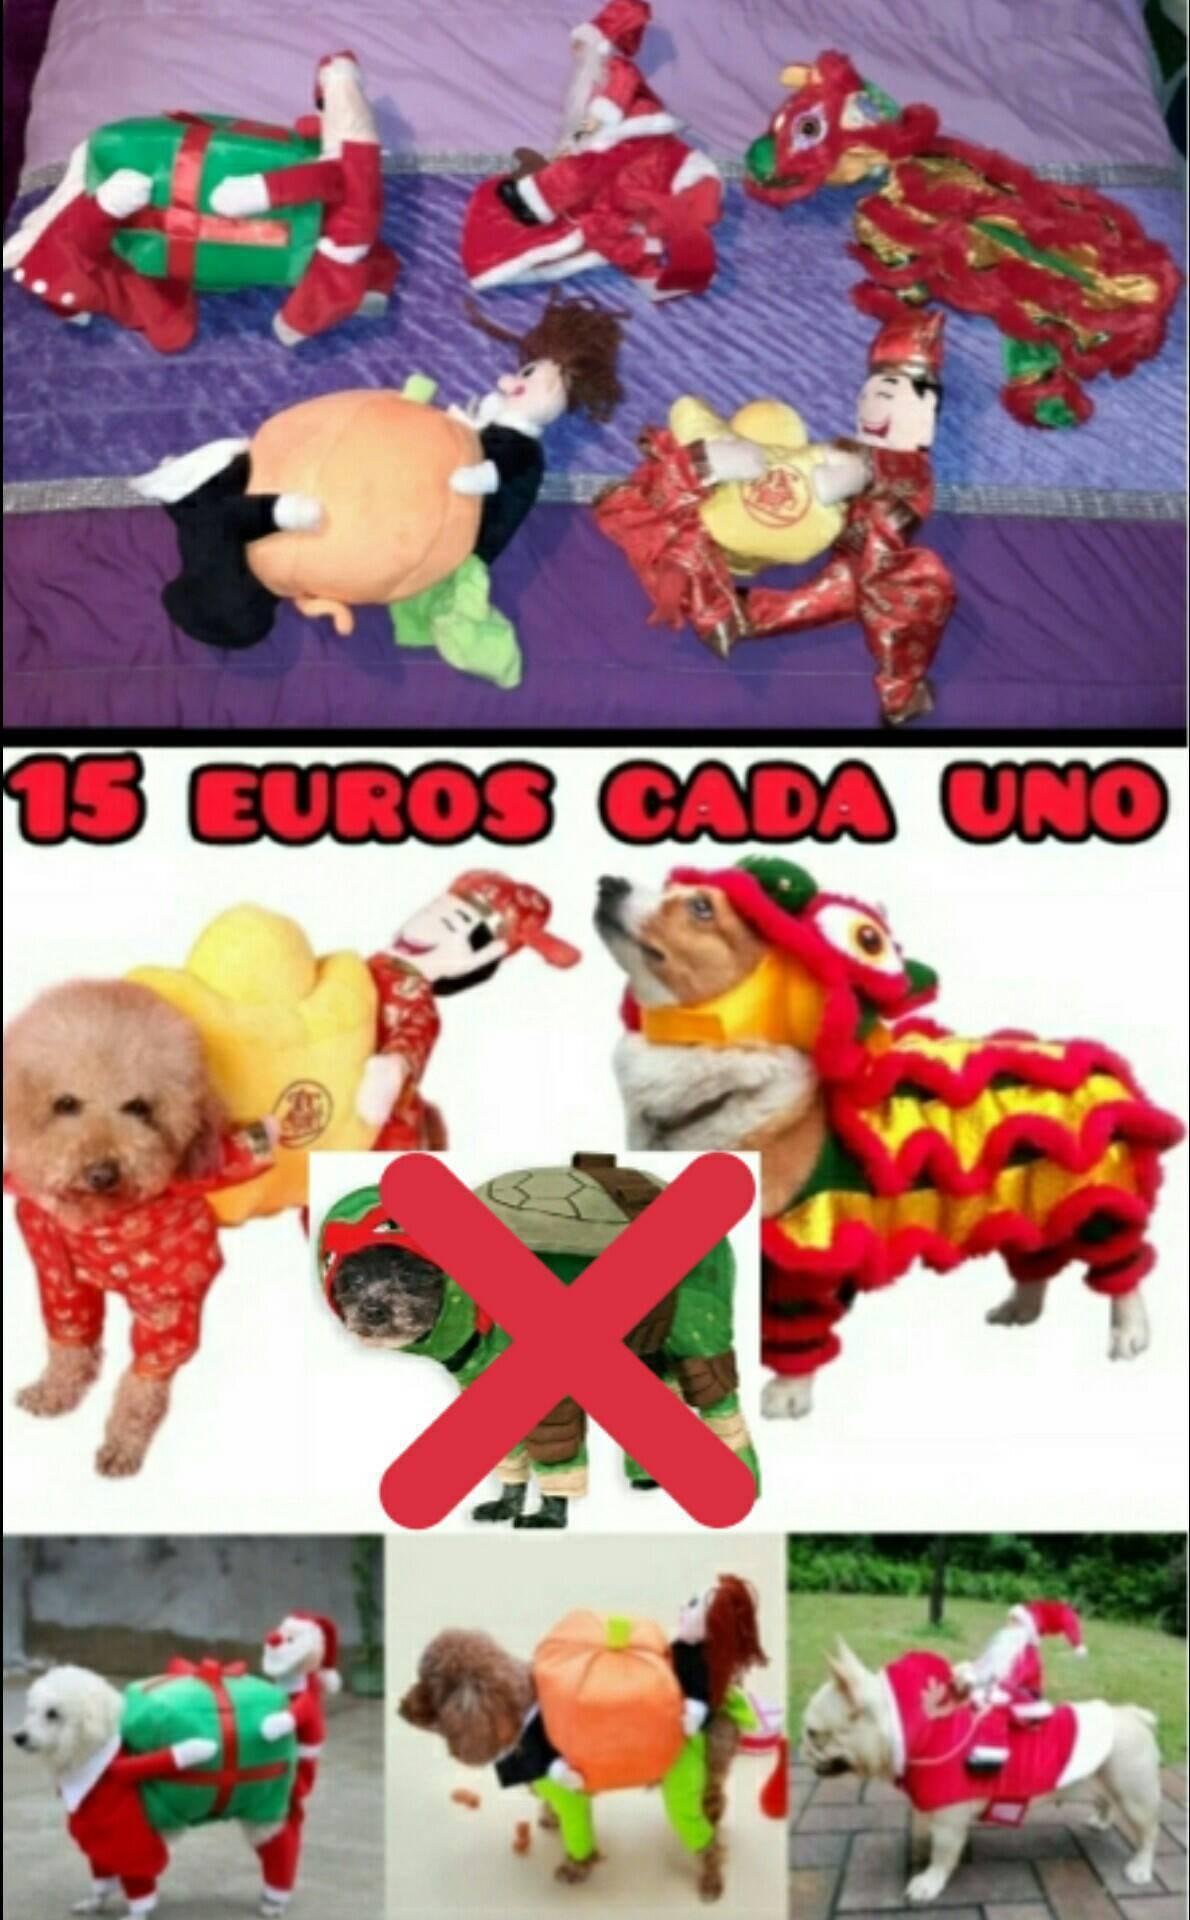 ropa y disfraces para mascota desde 2 a 15 euros  - Foto 9